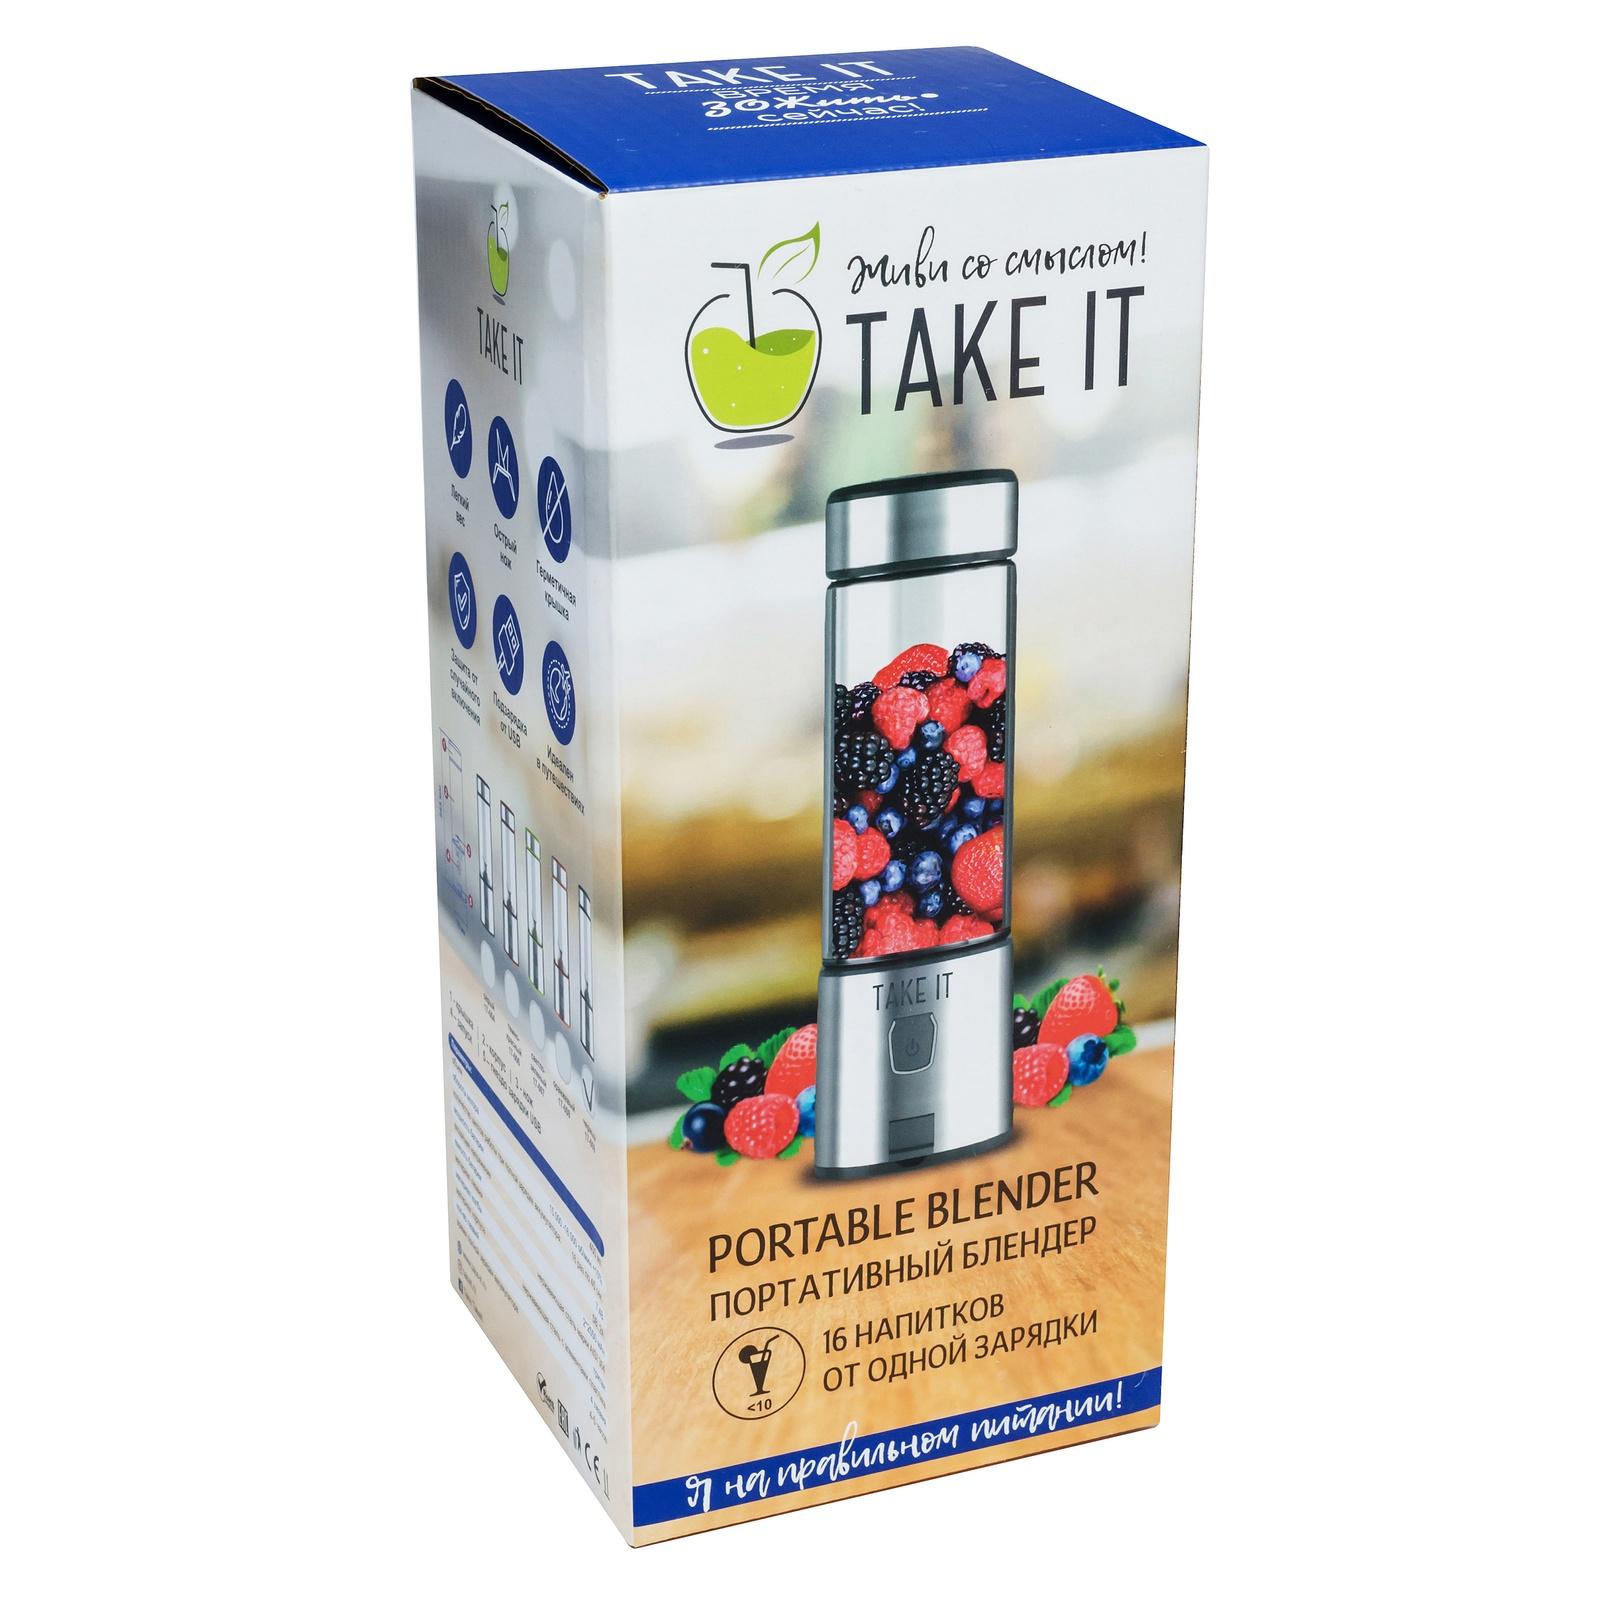 Блендер TAKE IT Портативный на аккумуляторе X4, красный Take It